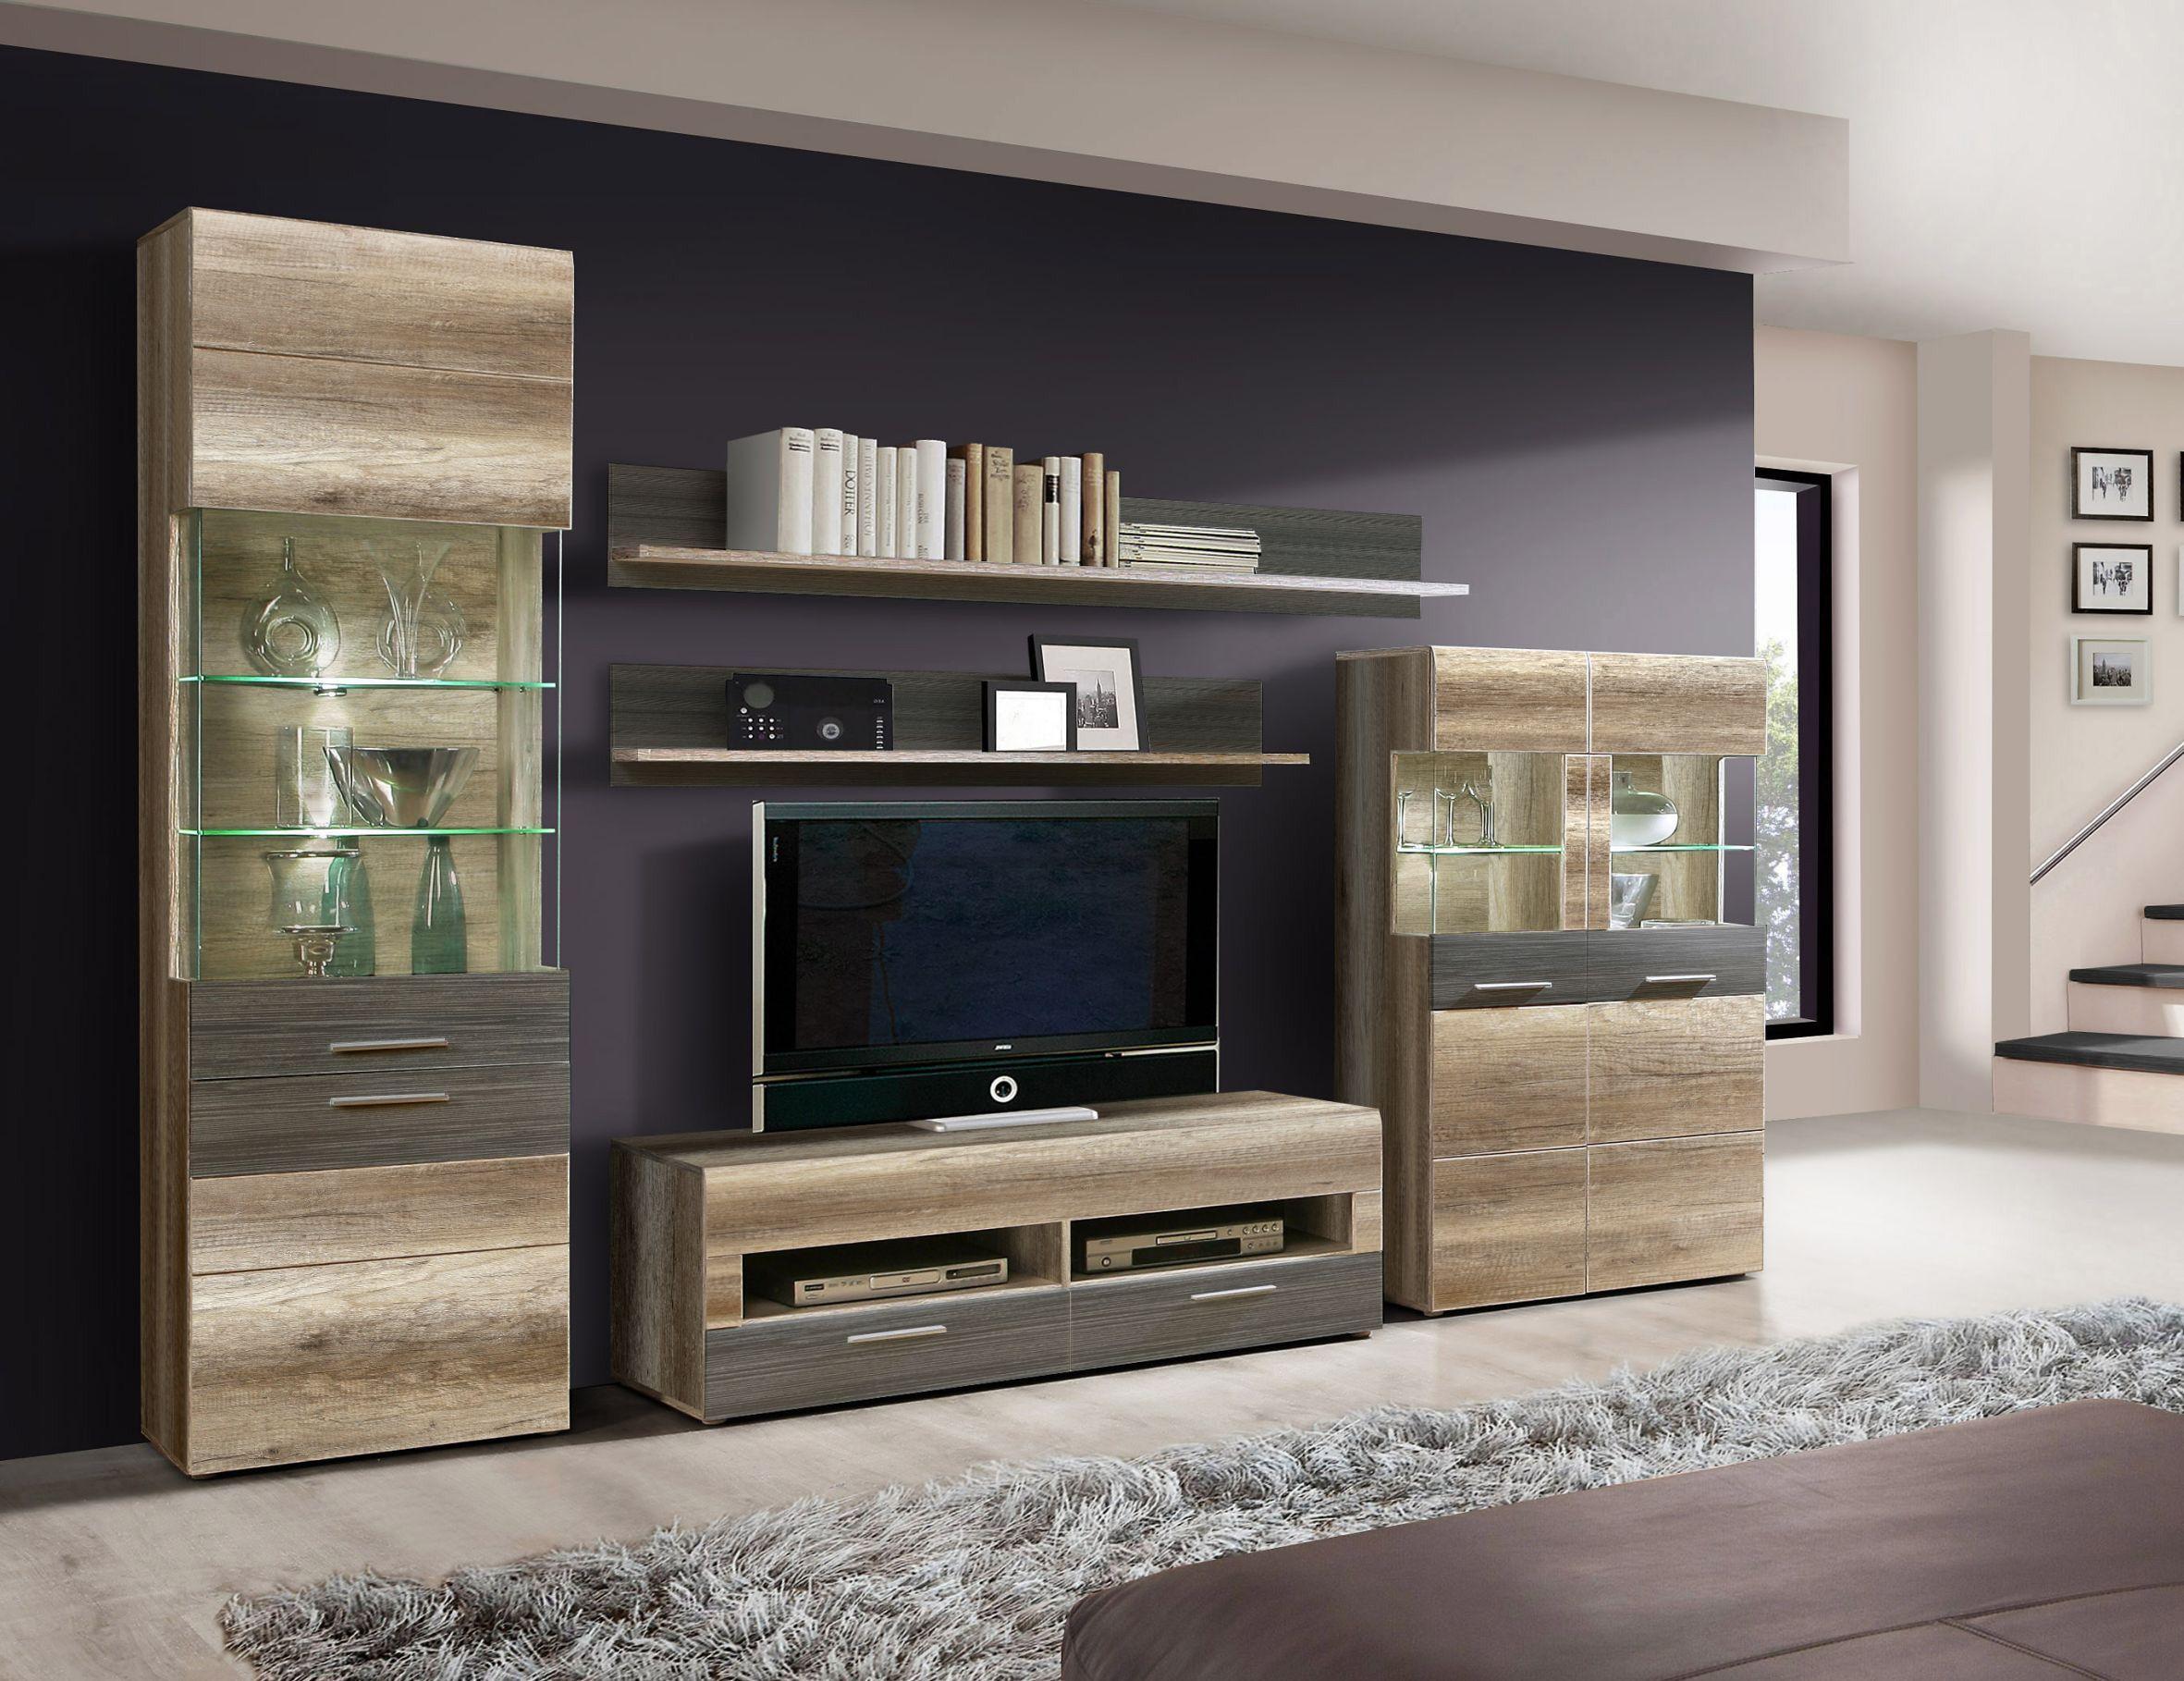 Wohnzimmer fernsehwand ~ Wohnwand eiche antik touchwood woody 77 00491 glas modern jetzt